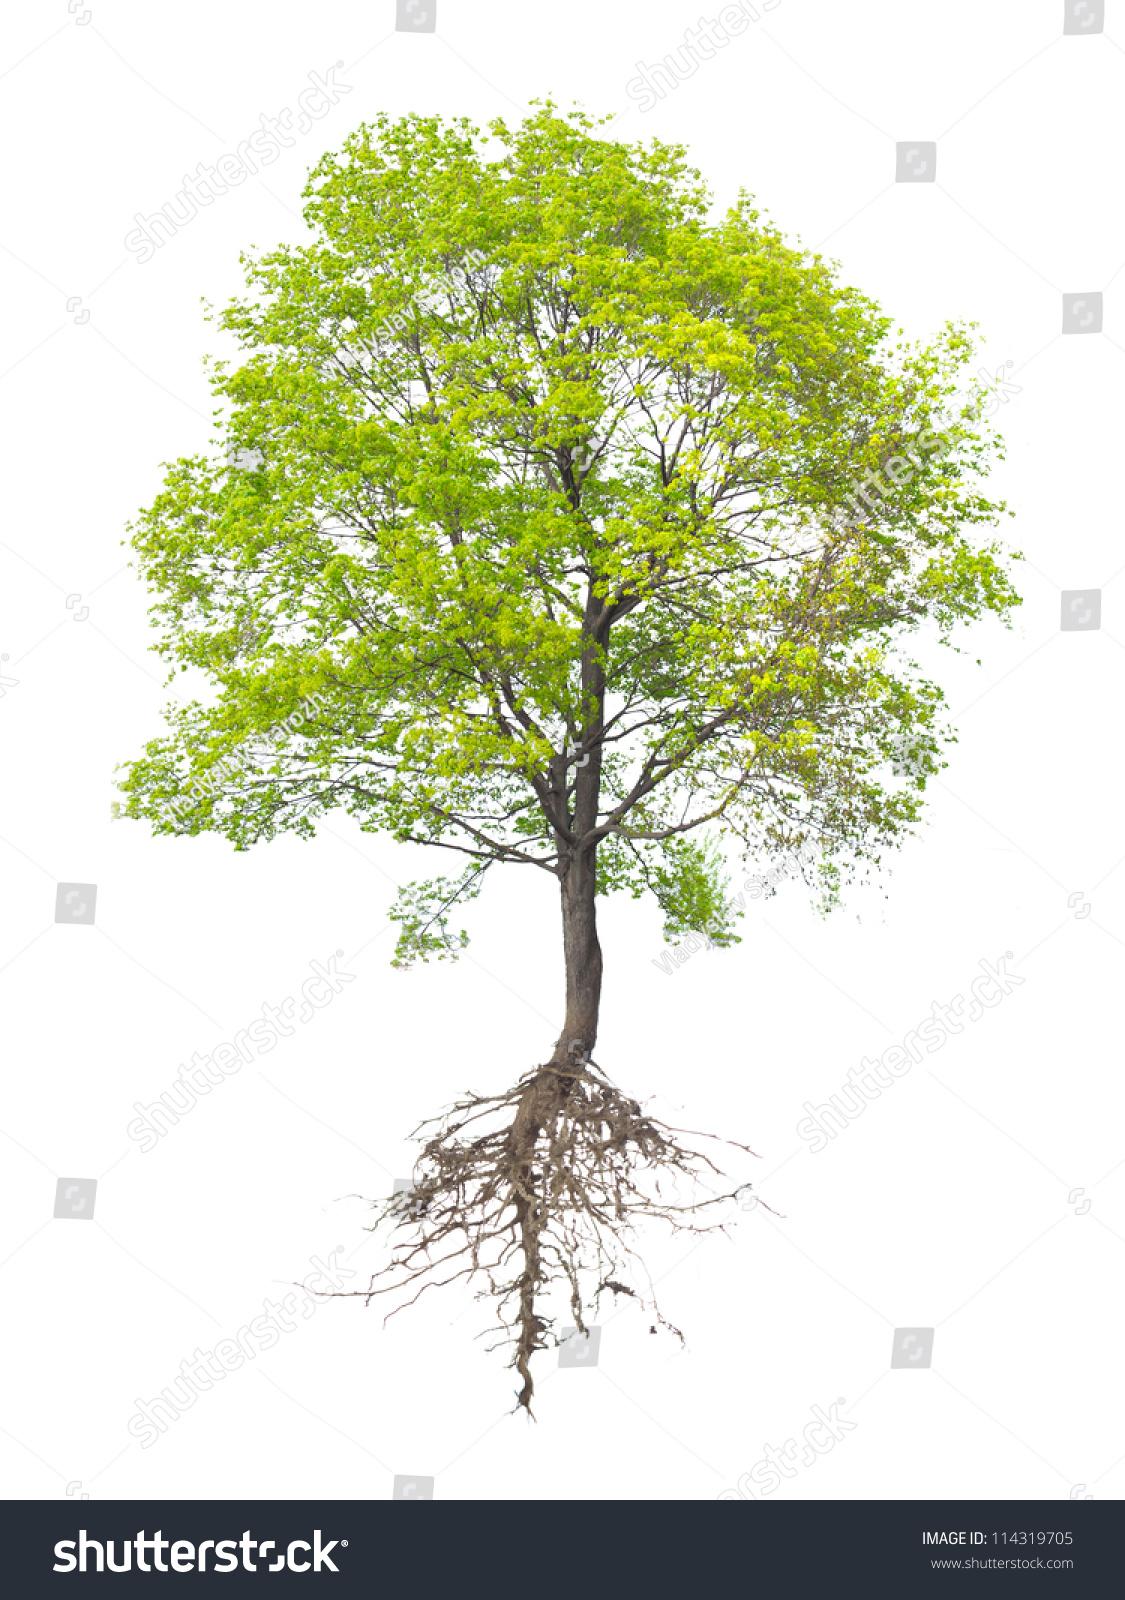 白色背景上的一棵树-物体,自然-海洛创意(hellorf)--.